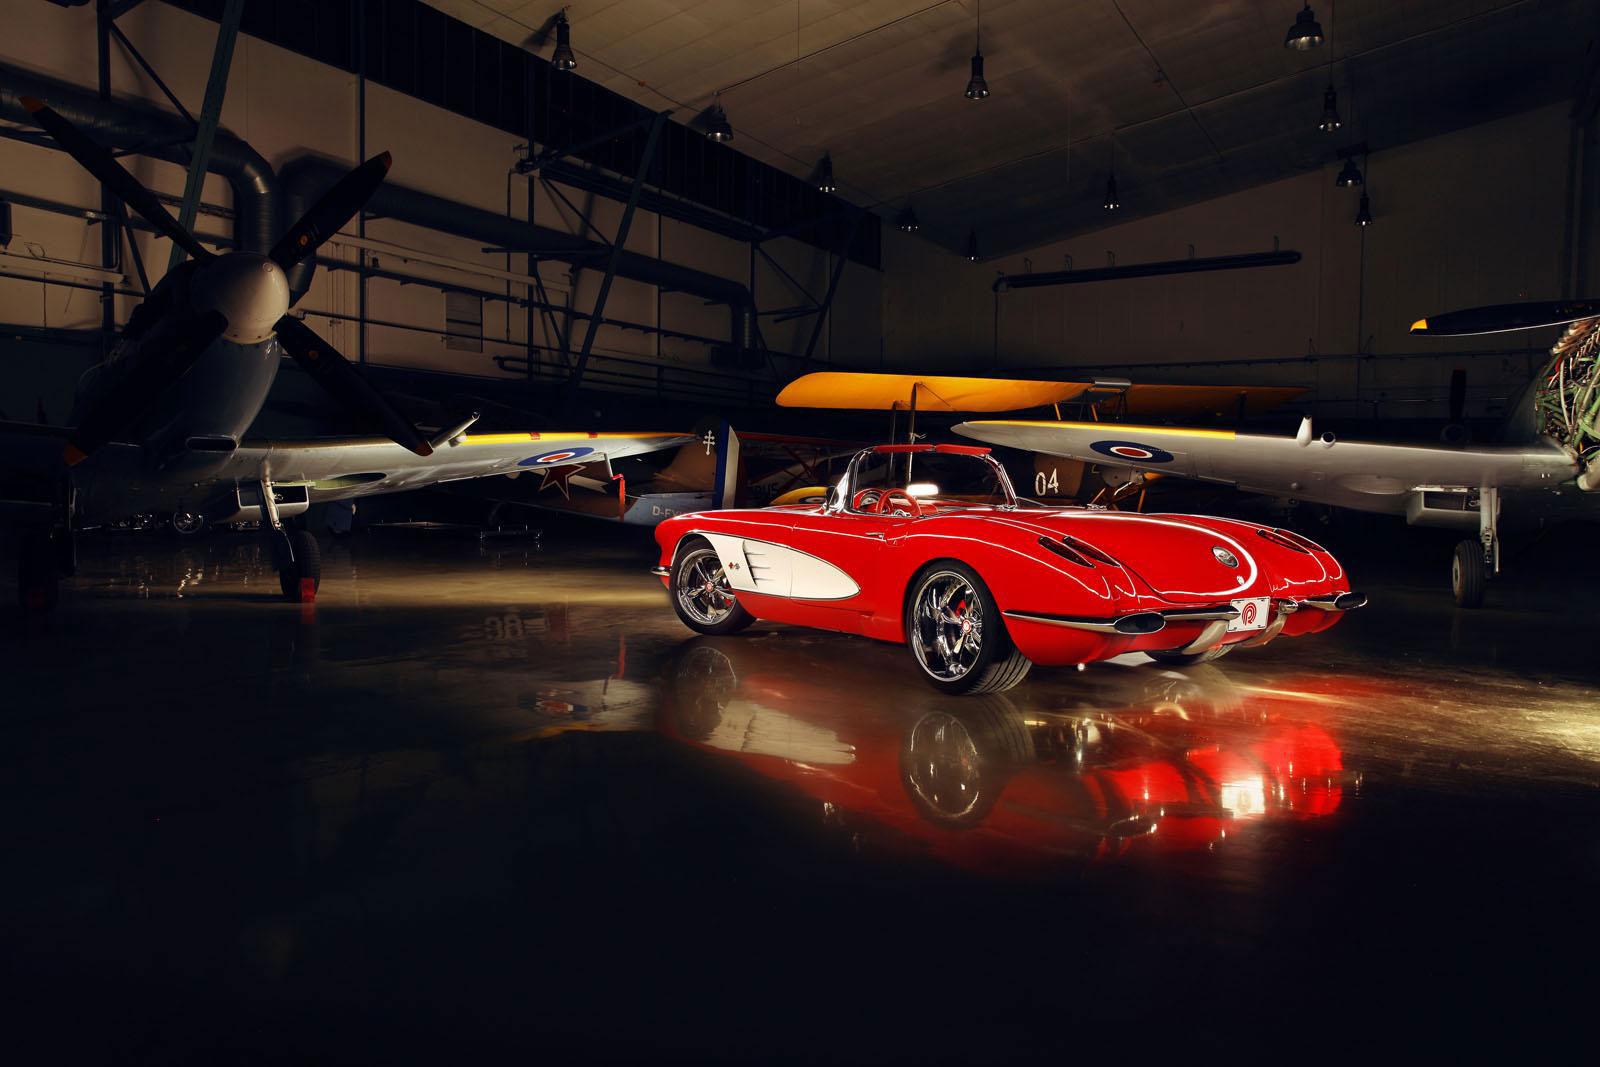 Chevrolet Corvette prošel dokonalou modernizací 9